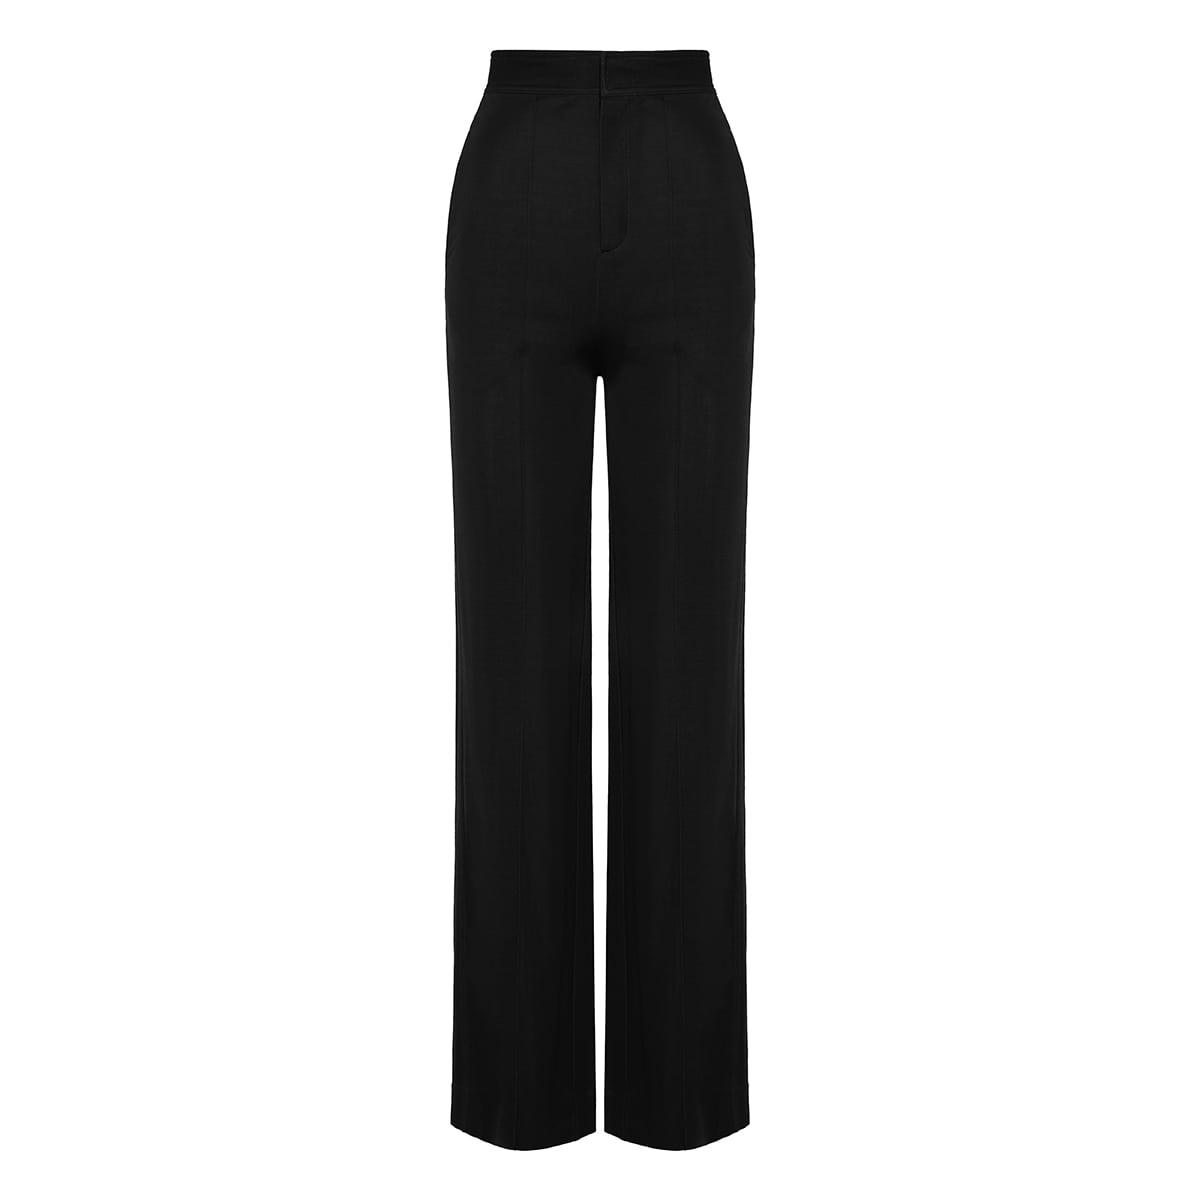 Studio wide-leg jersey trousers